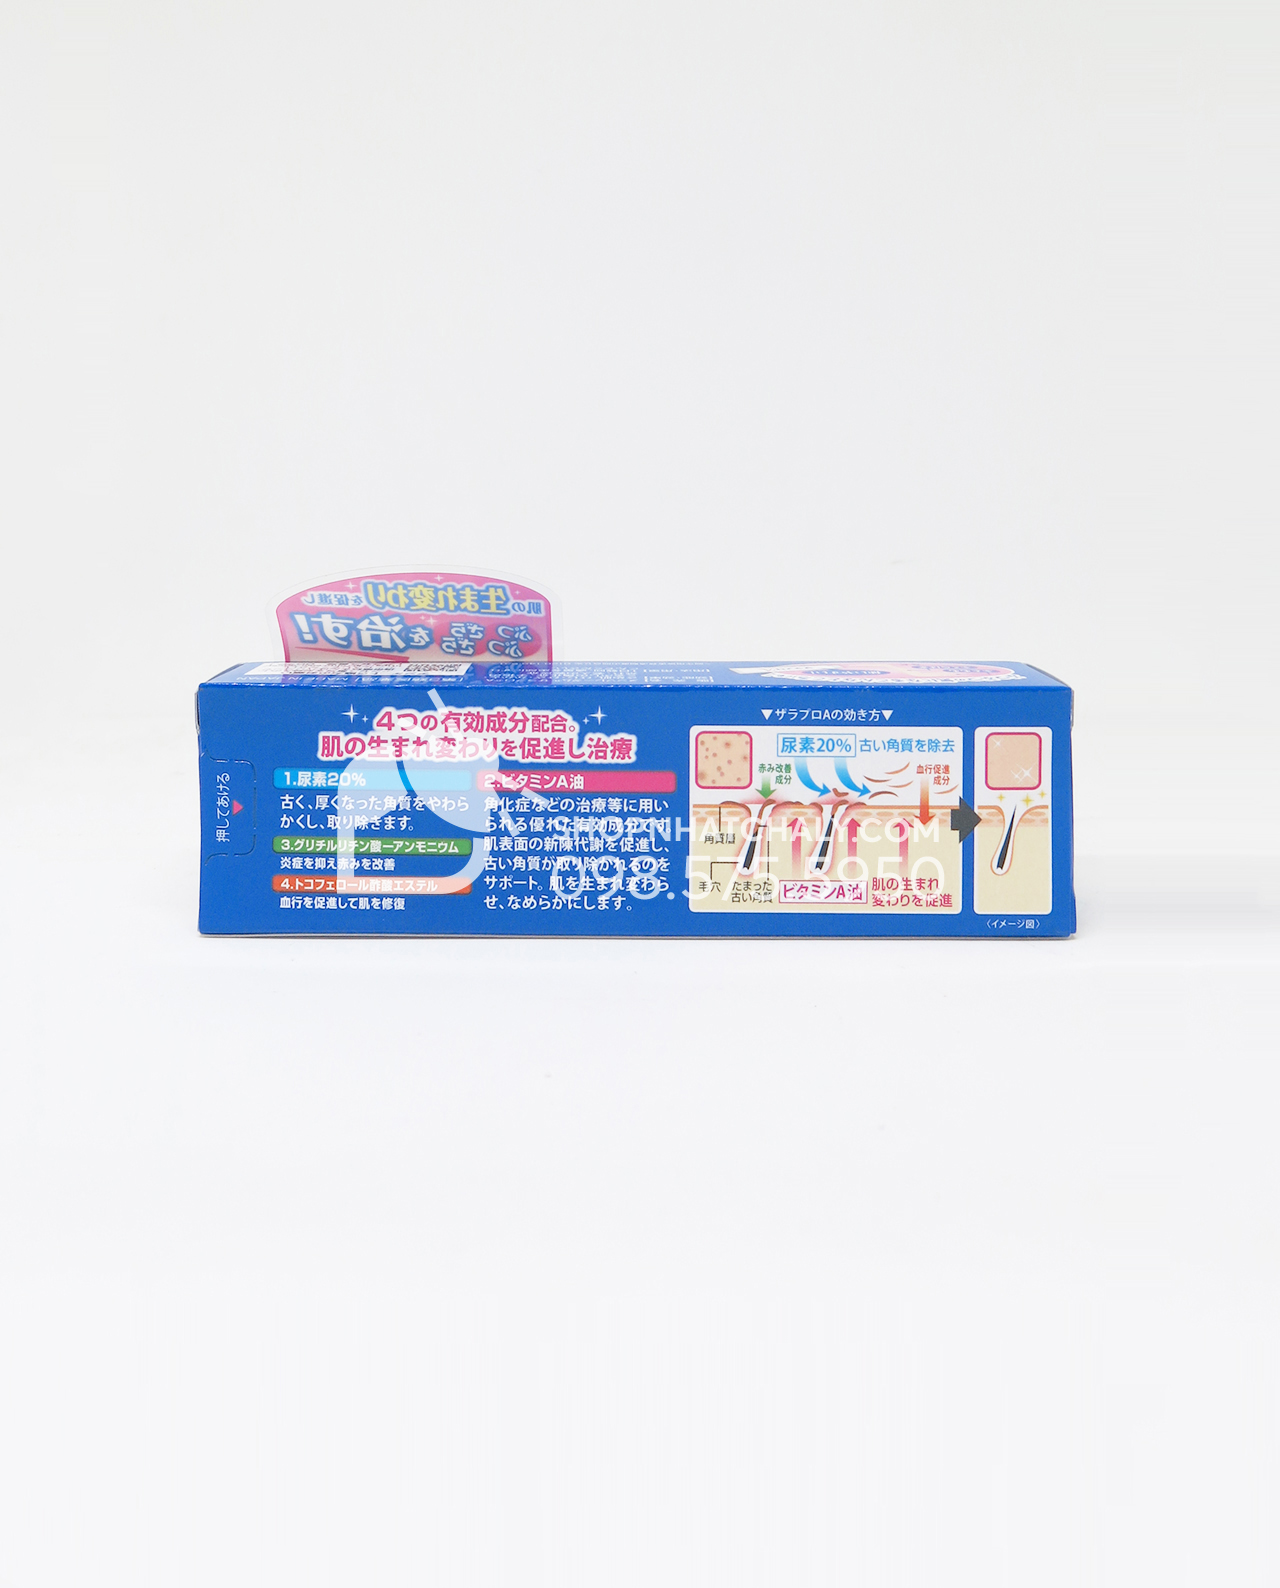 Kem trị viêm nang lông Zaraporo Rohto Nhật 35gr mẫu mới - thông tin sản phẩm